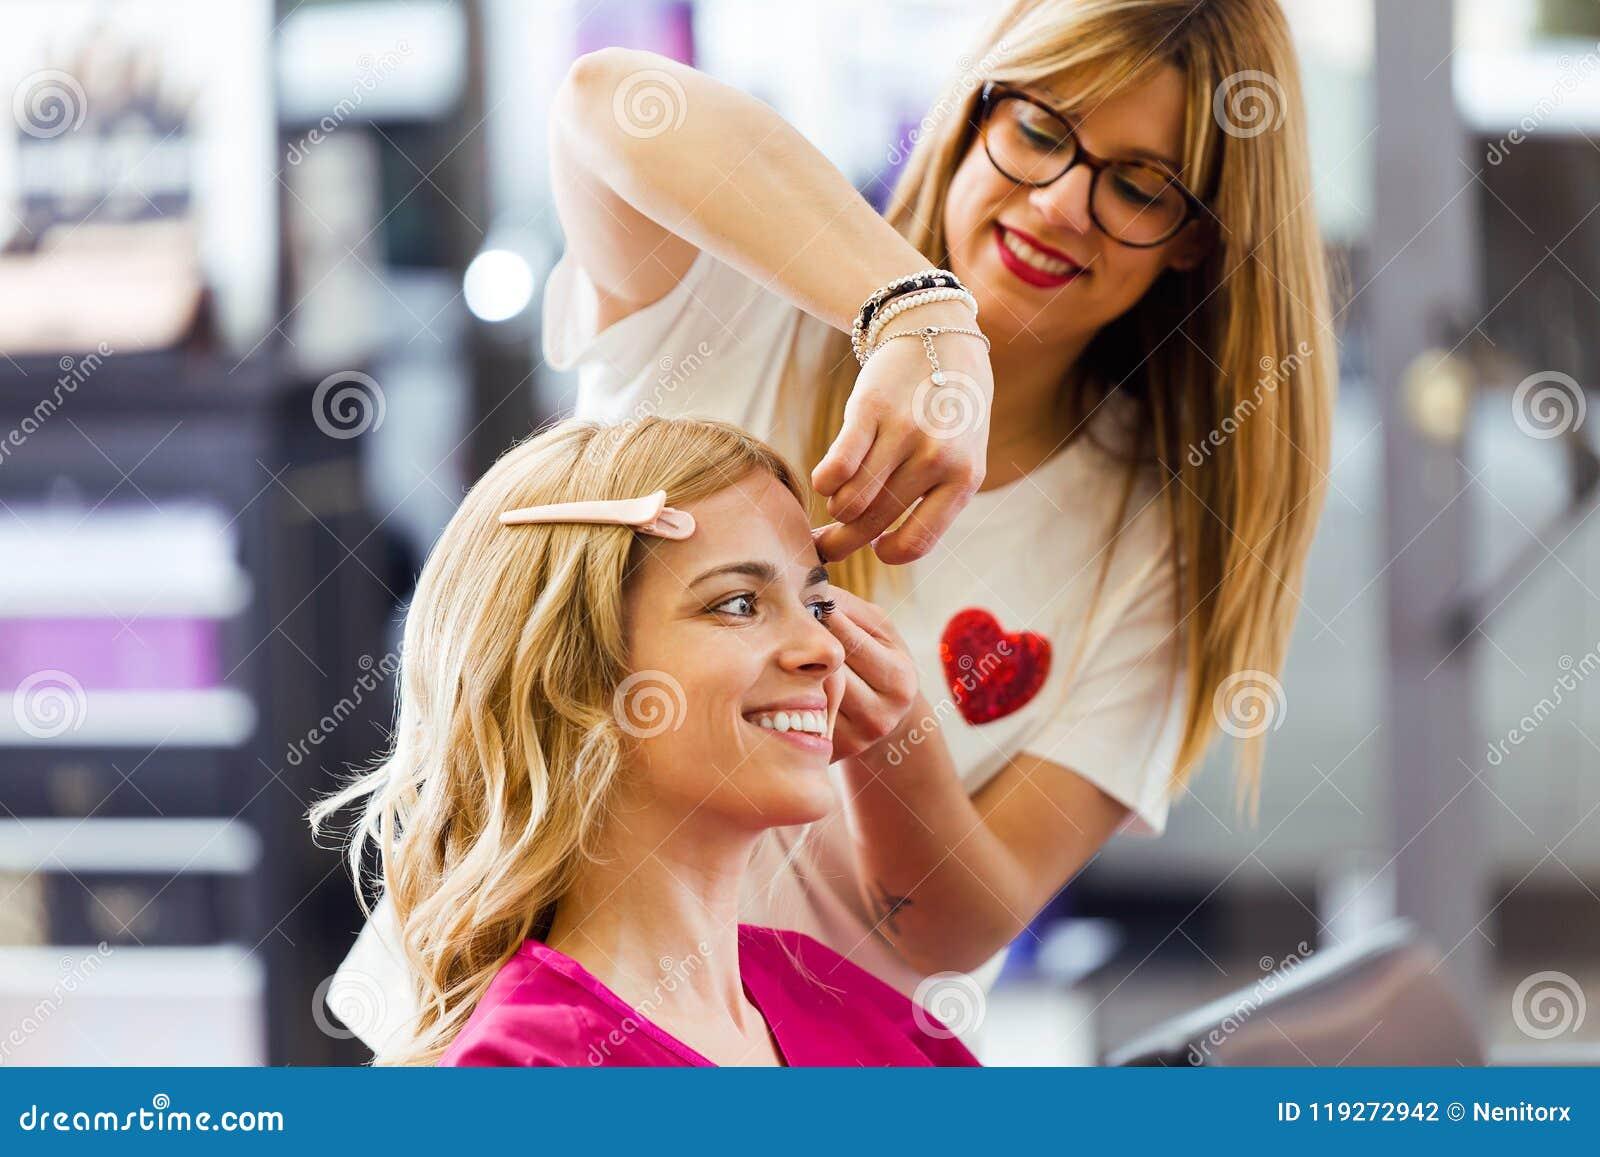 Parrucchiere abbastanza giovane che fa acconciatura alla donna sveglia nel salone di bellezza